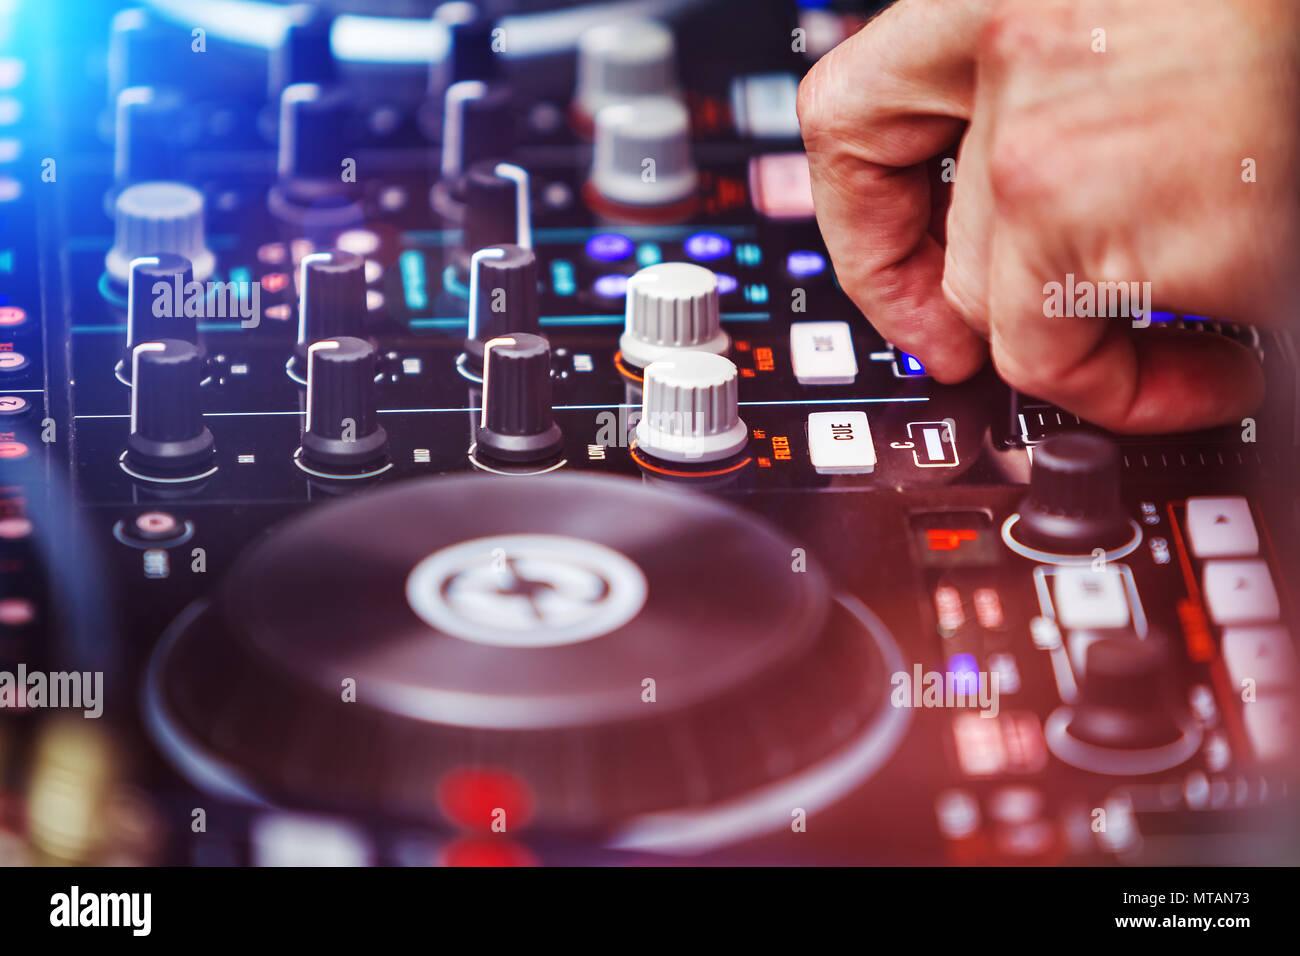 disk jockey playing music at mixer - Stock Image